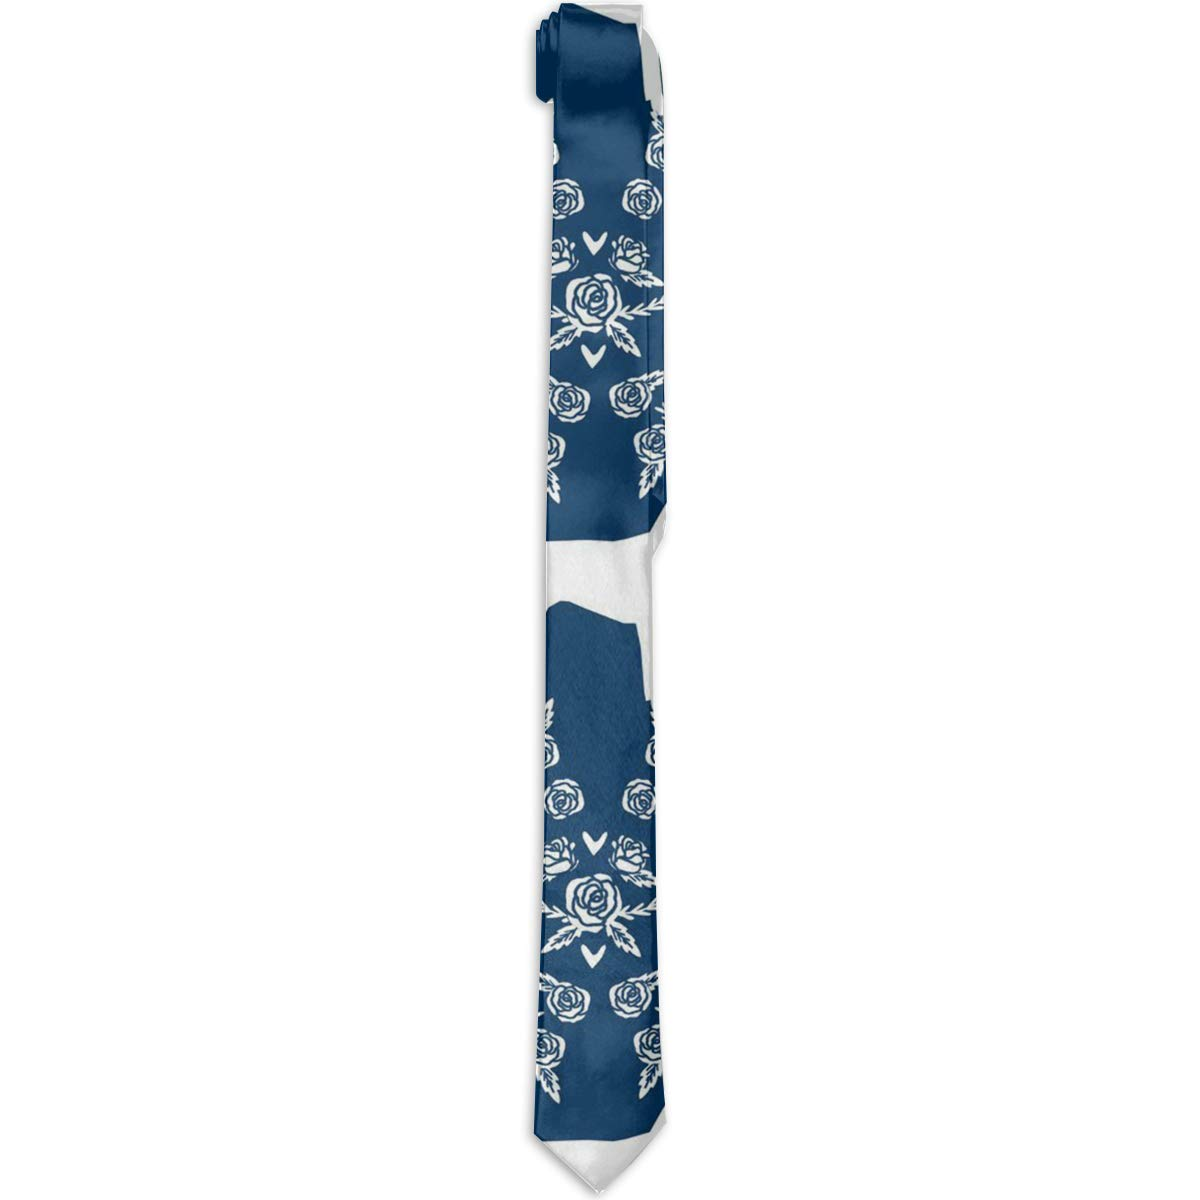 Mens Classic Neck Tie Party Wedding Neckties Formal Suit Tie